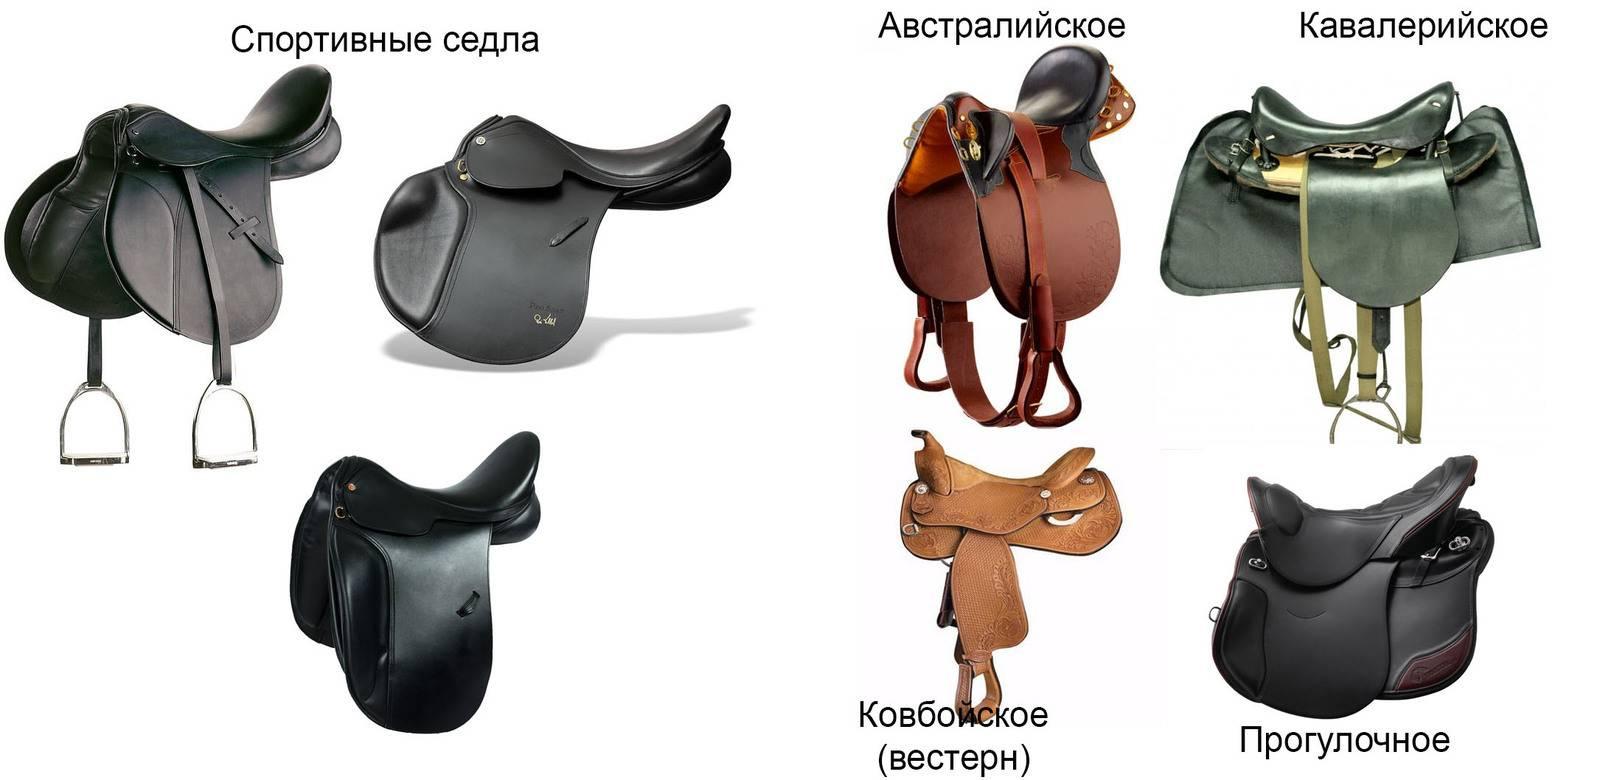 Седла для лошади: обзор видов и самостоятельное изготовление